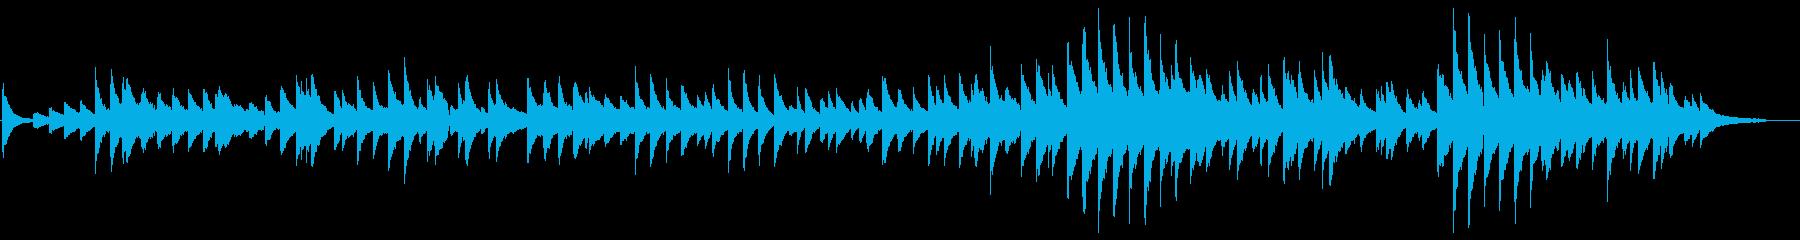 哀愁漂う曲のピアノソロアレンジの再生済みの波形